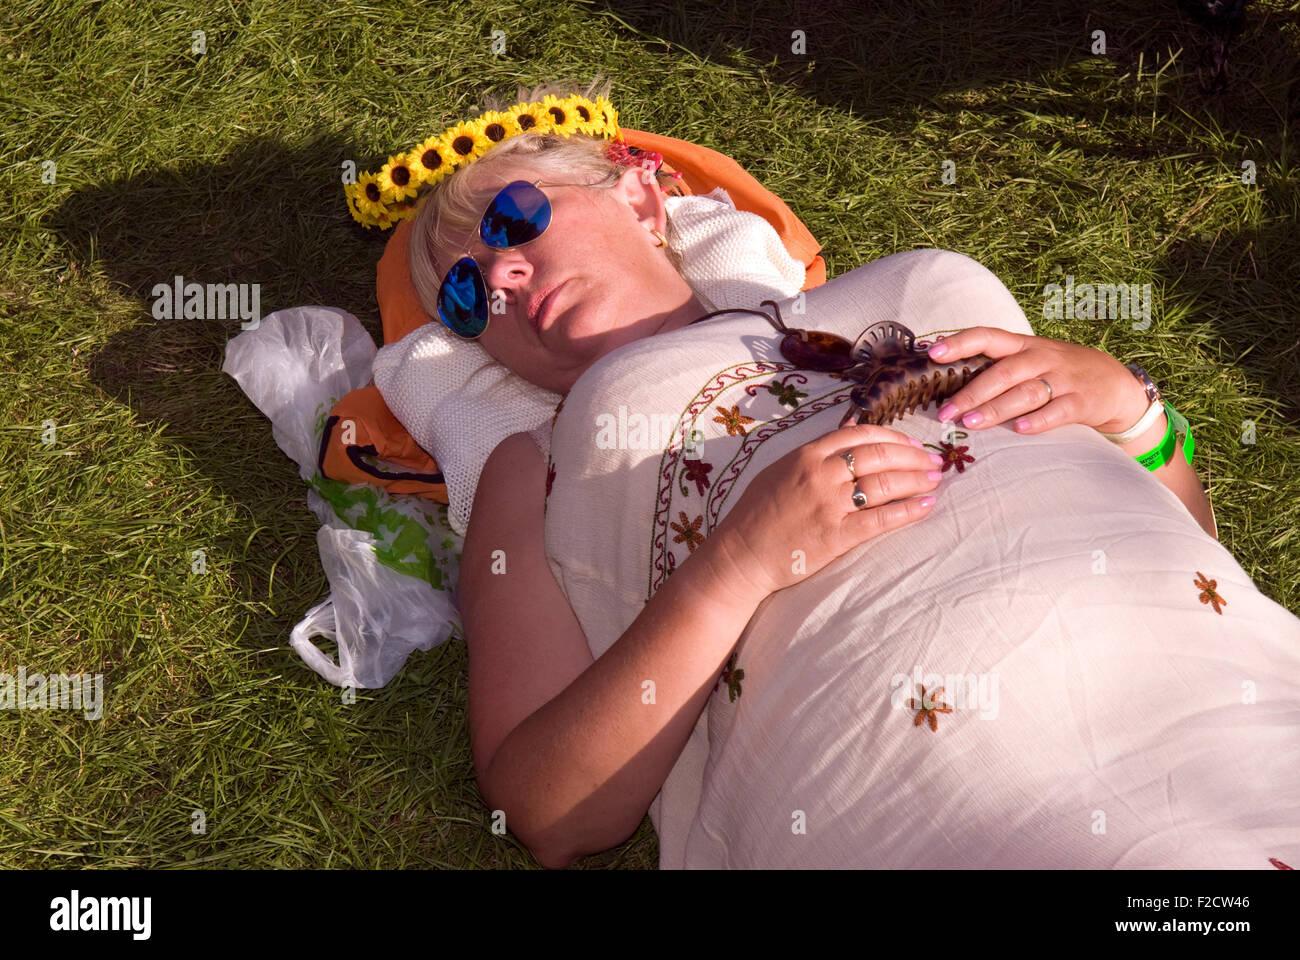 Festival goer taking a nap at the Weyfest 2015 Music Festival, Rural Life Centre, Tilford, Farnham, Surrey, UK. - Stock Image